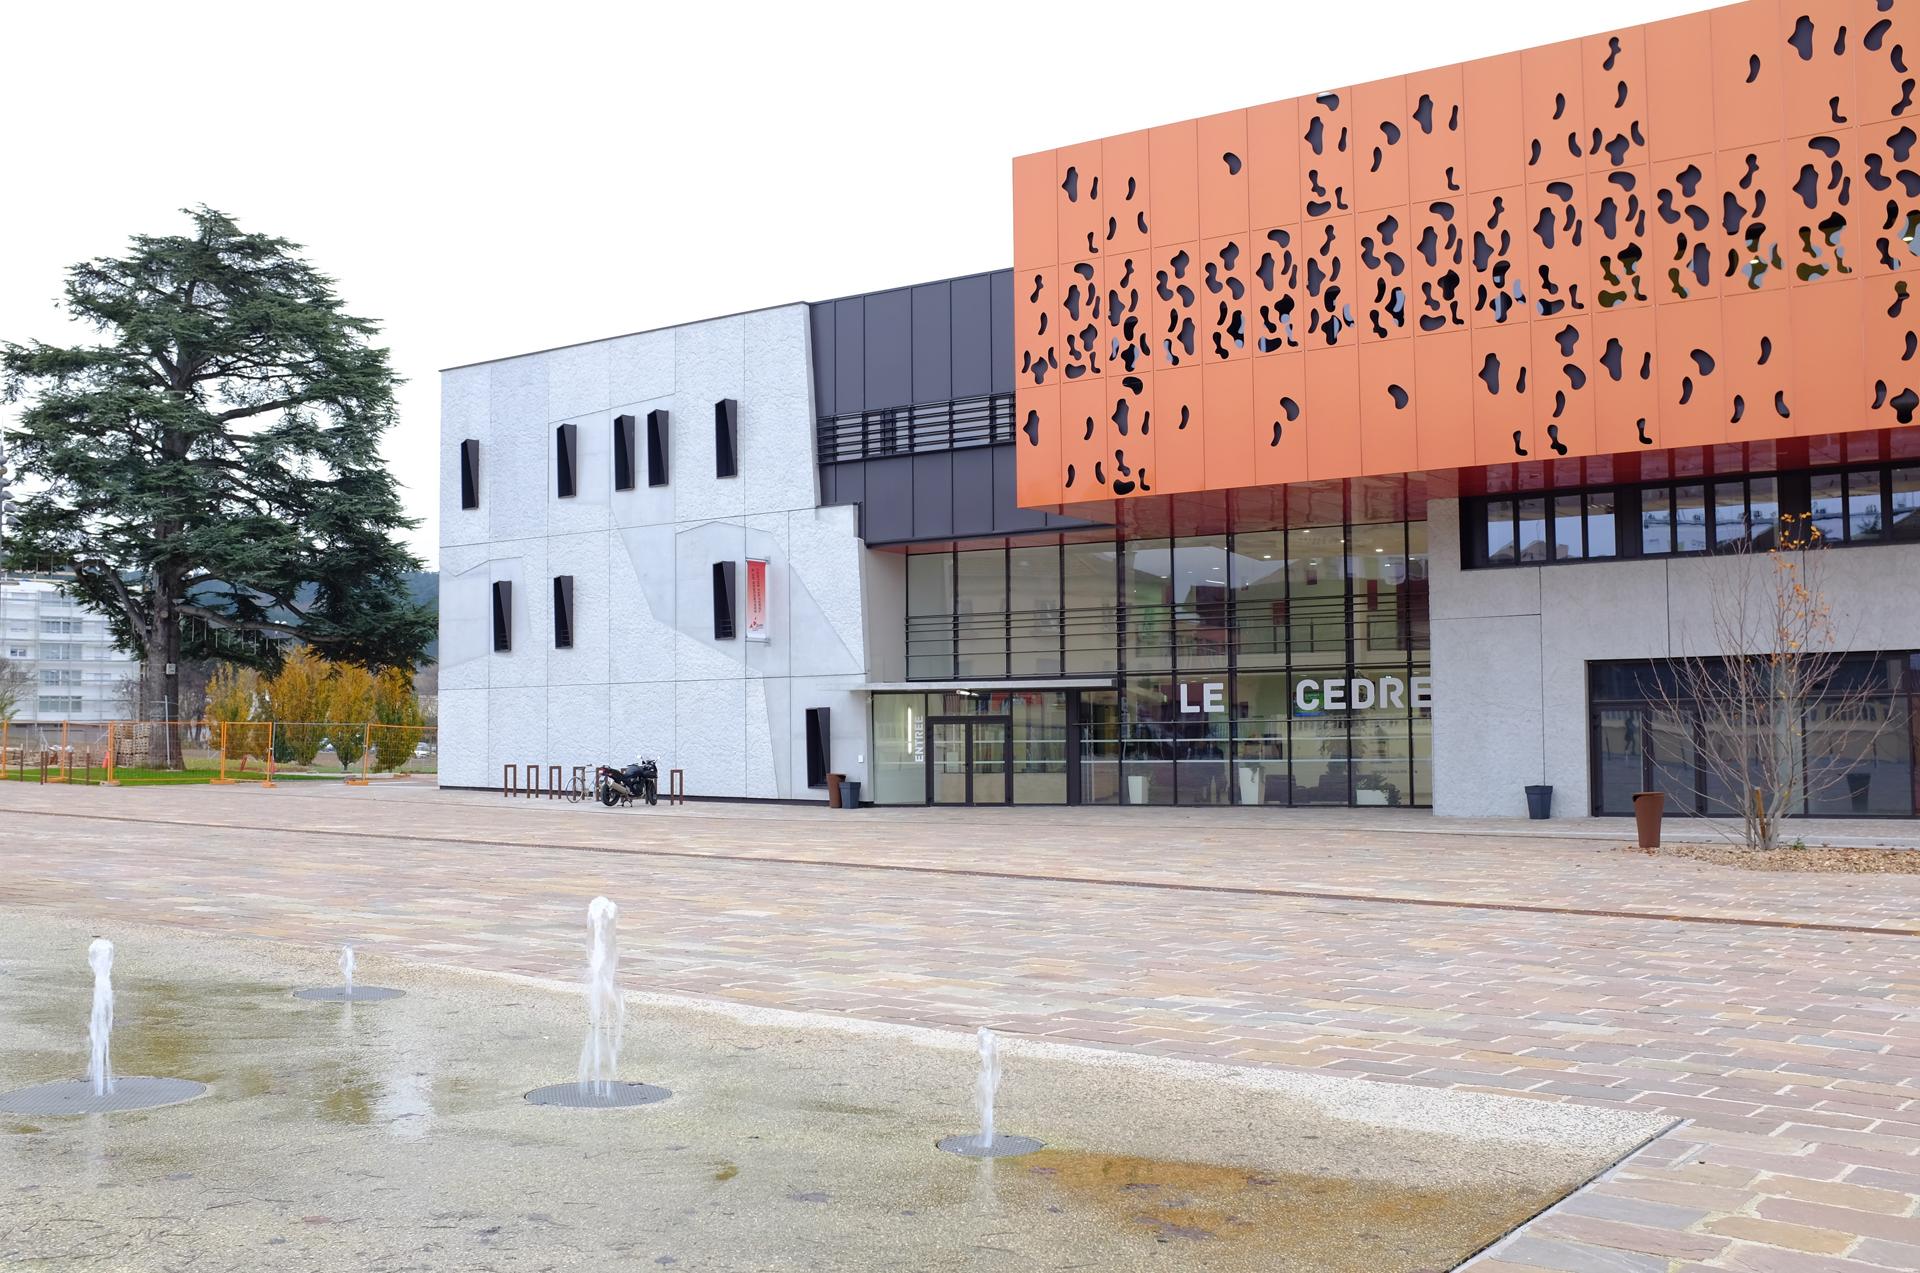 Ville de chenove le c dre centre culturel et de for Centre rencontre courfaivre piscine